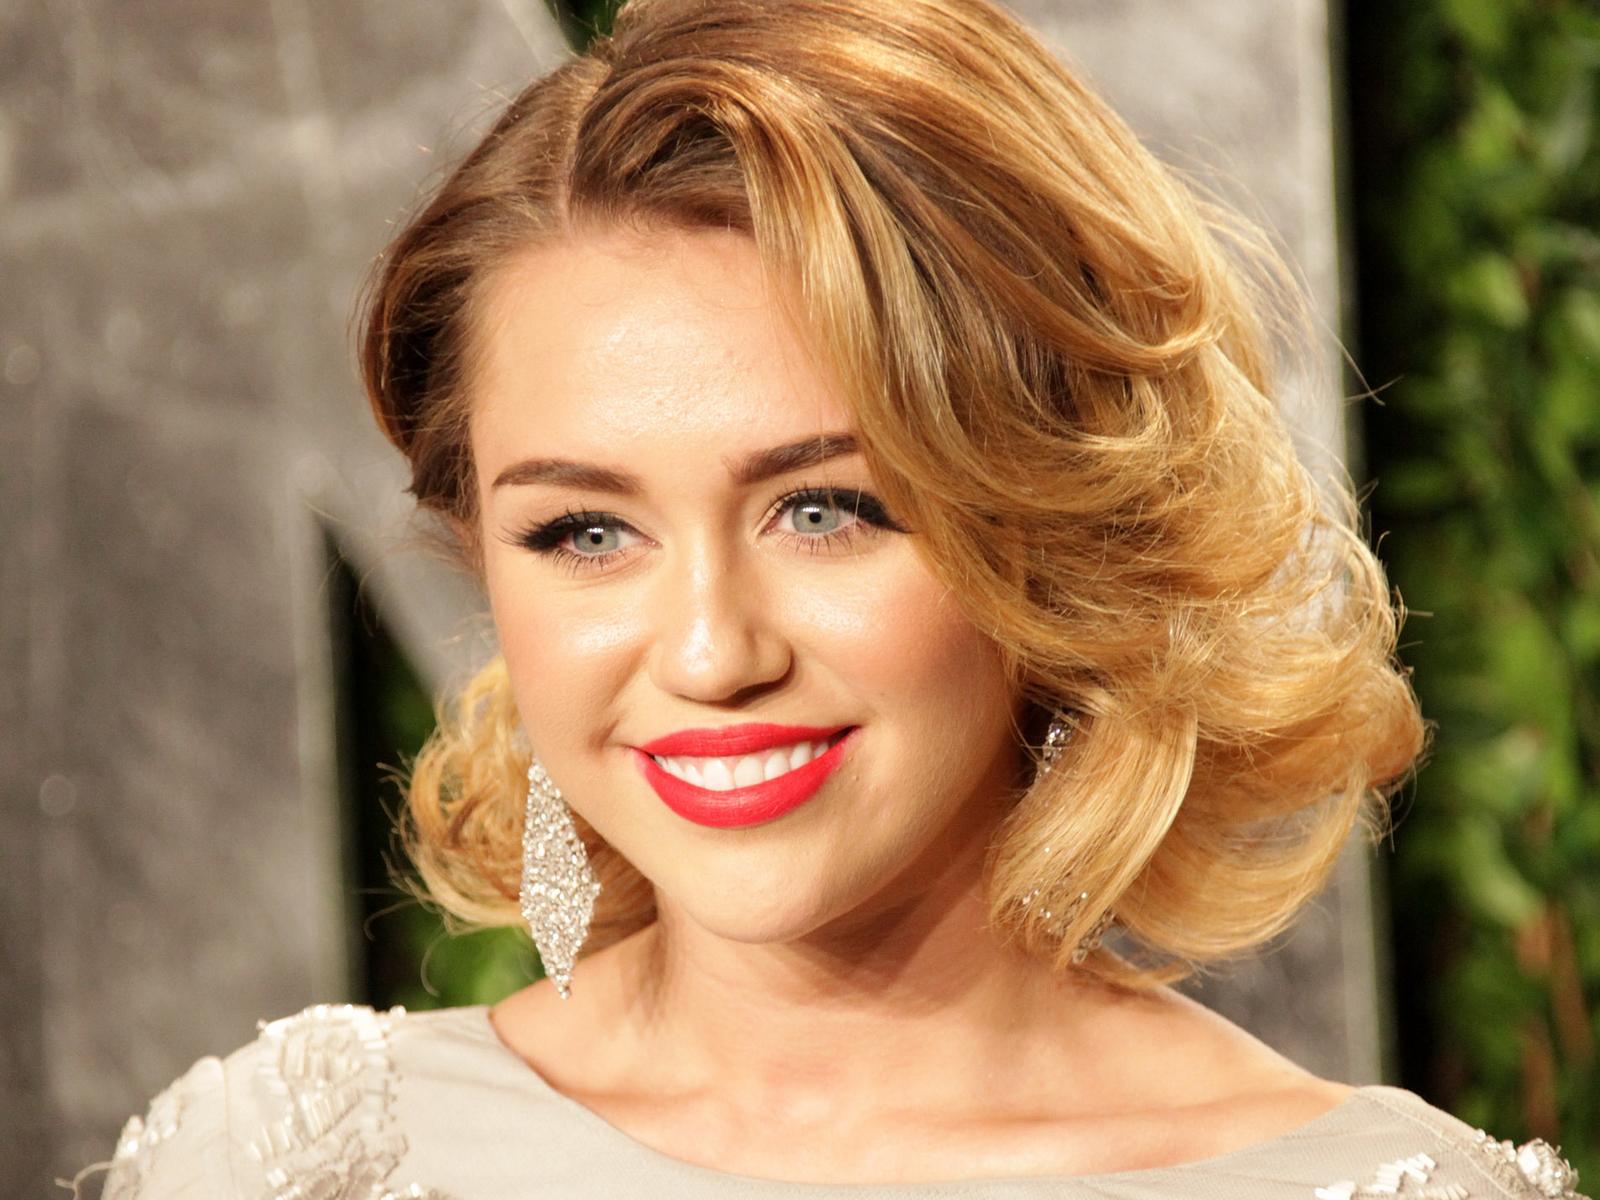 Miley Cyrus: Miley Cyrus 2013